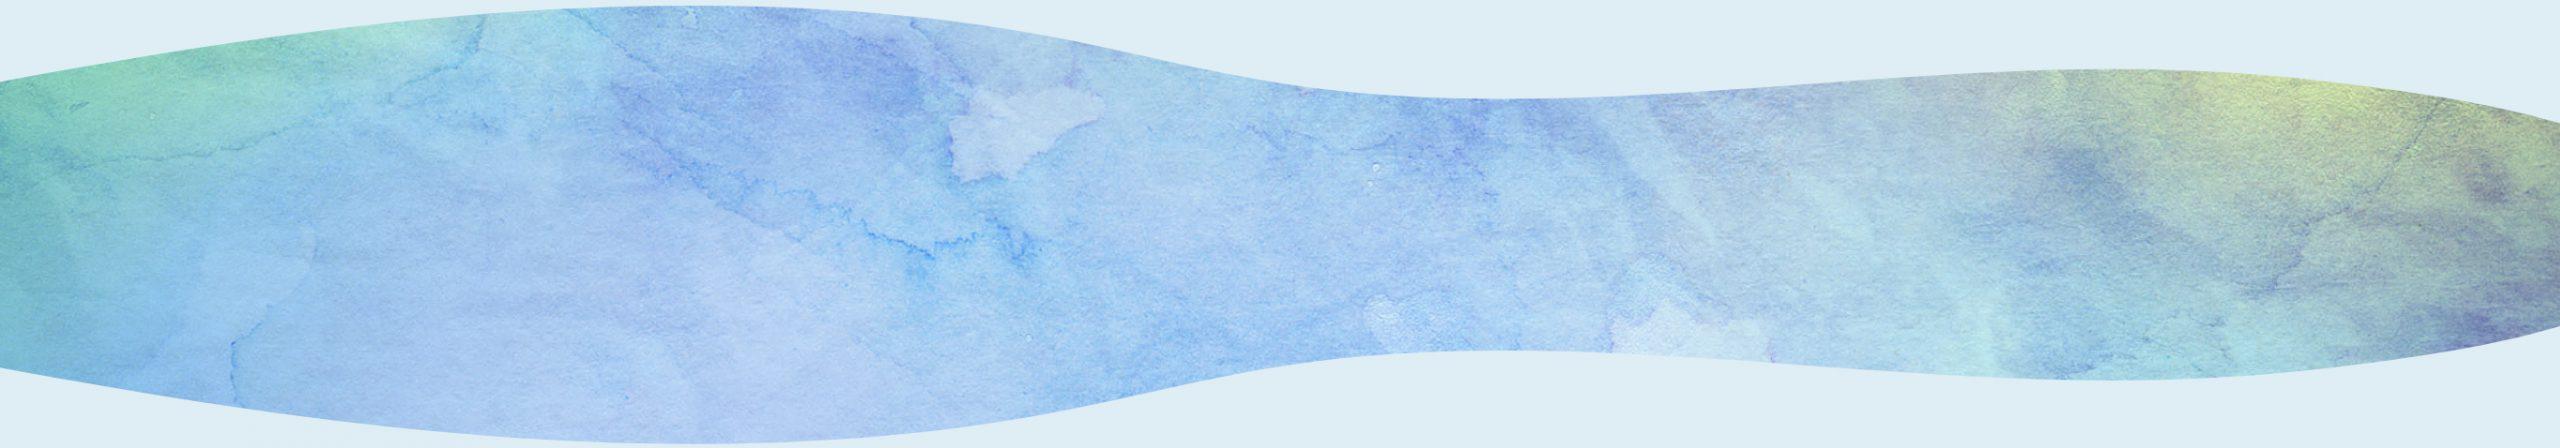 Wavy watercolour blot